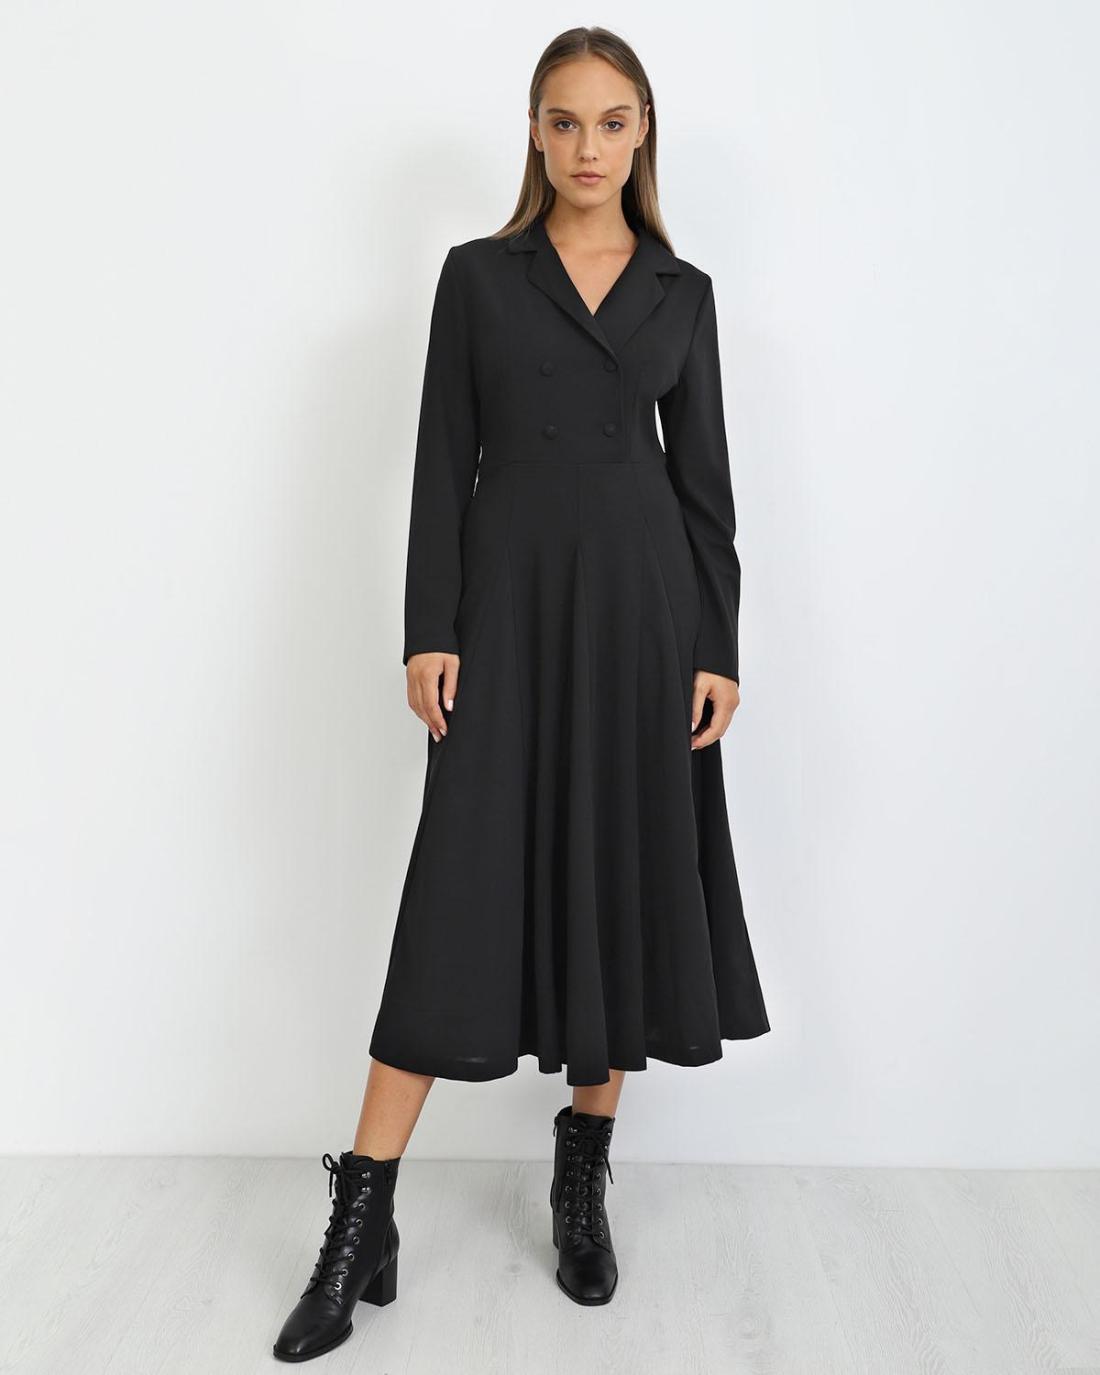 Μίντι φόρεμα μαύρο